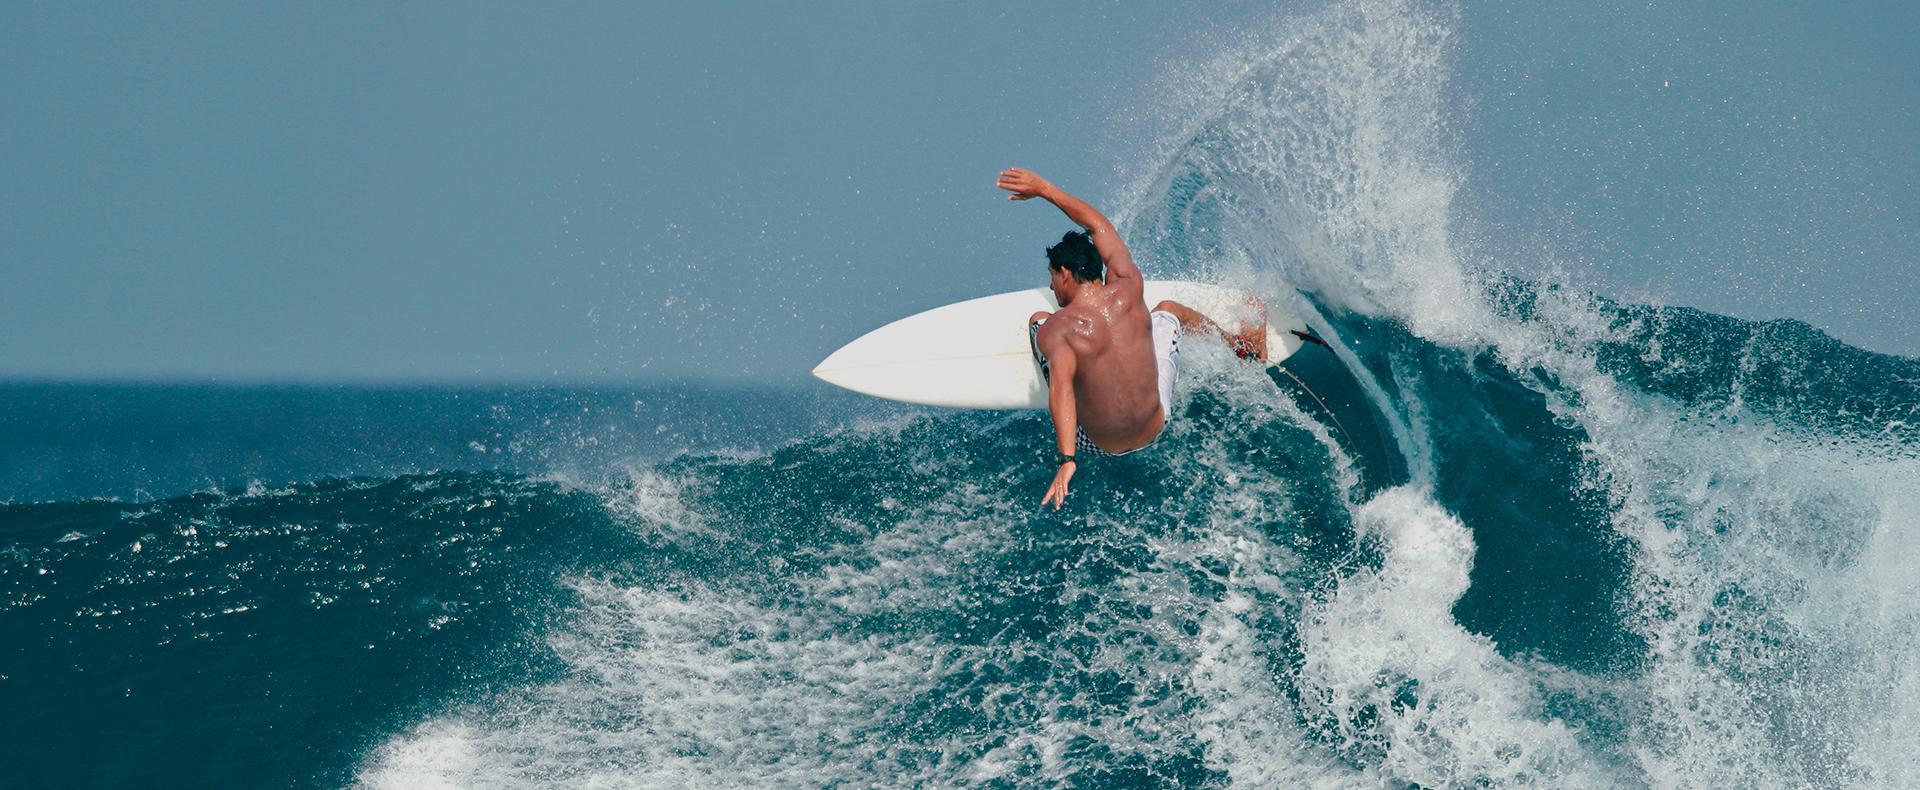 Kandooma surf et plongée en eaux cristallines